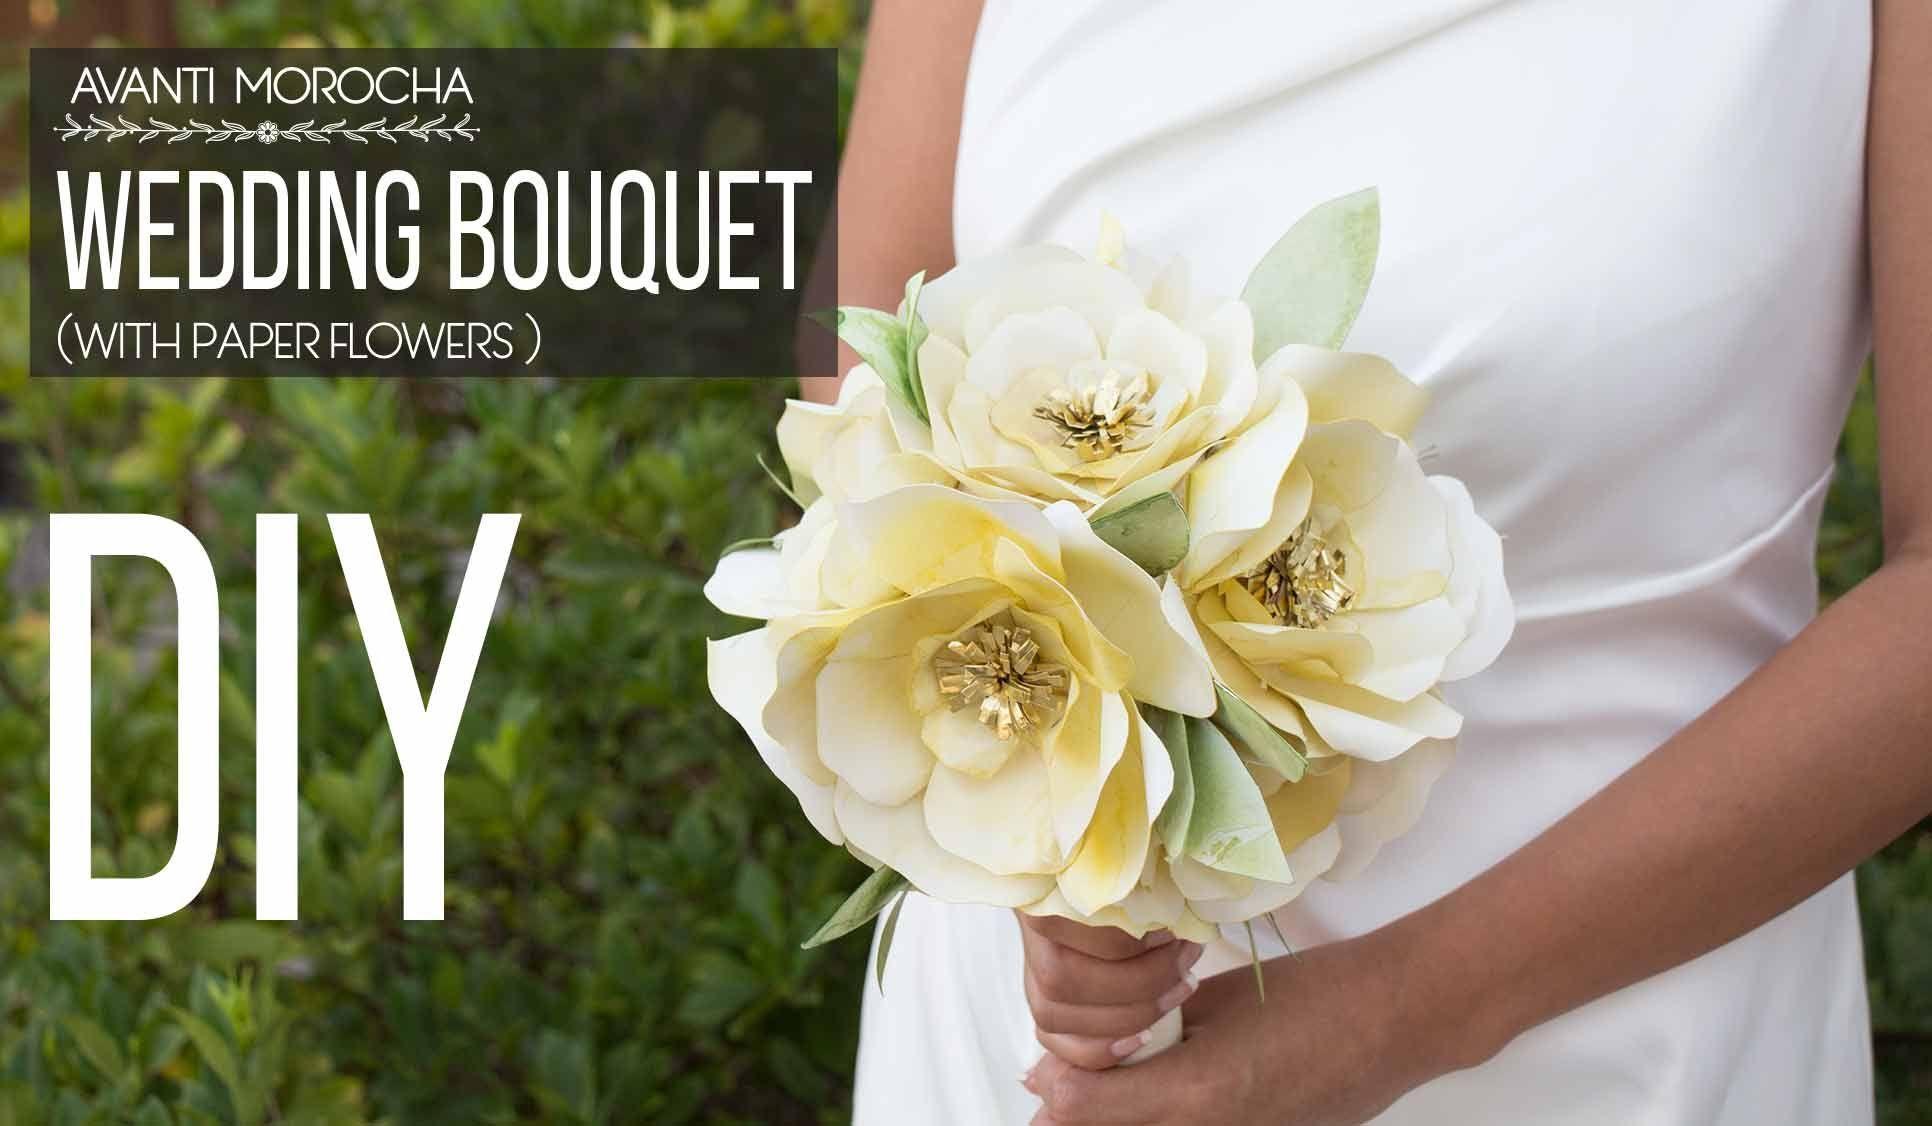 Diy Wedding Bouquet With Paper Flowers Bouquet De Novia Con Flores